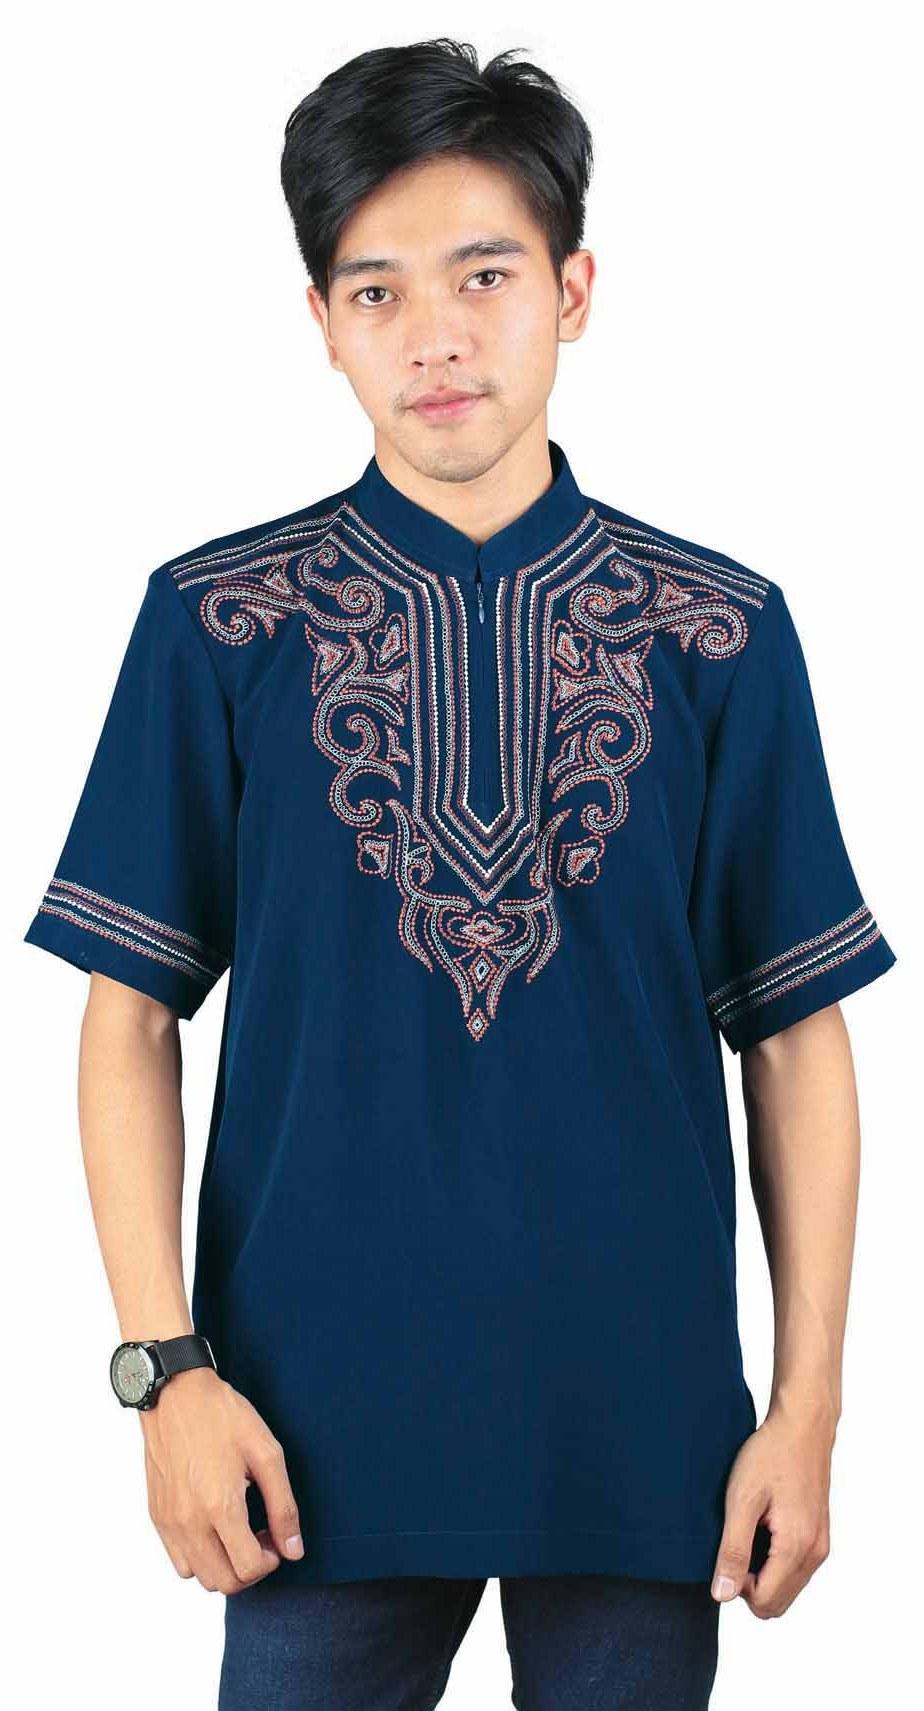 Inspirasi Baju Lebaran Pria Drdp 10 Contoh Baju Muslim Pria Lengan Pendek